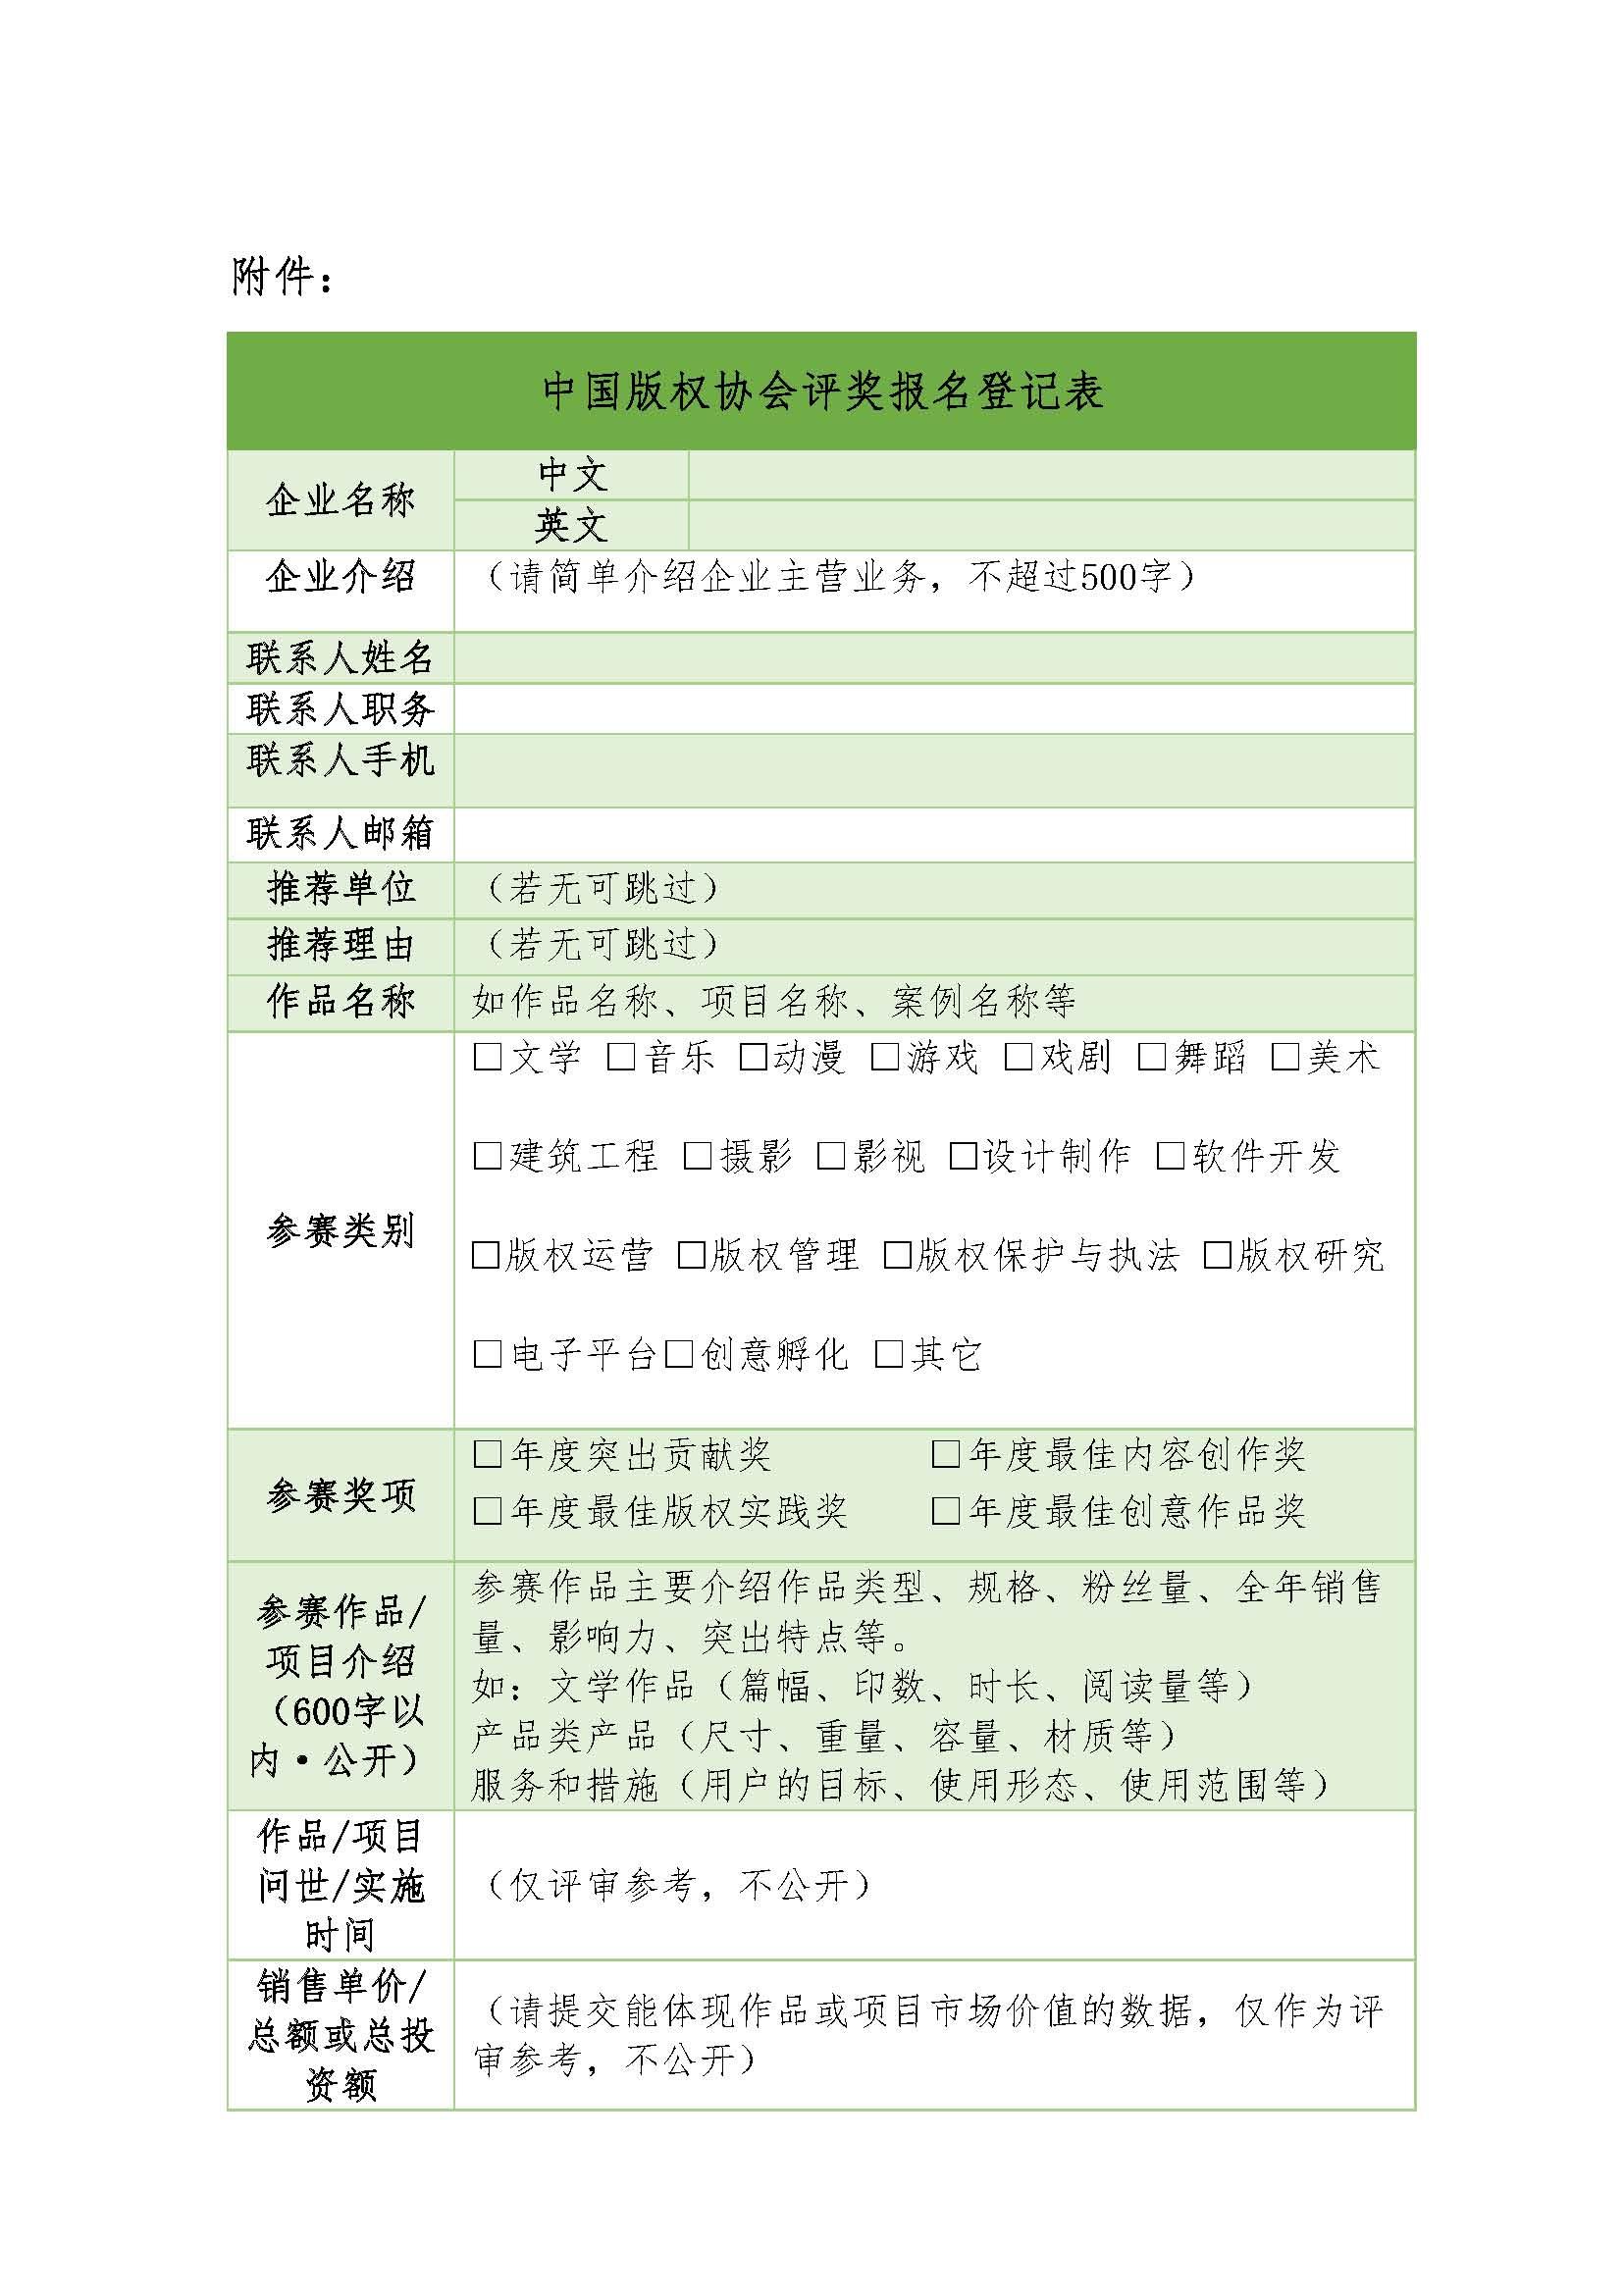 2020-08-11关于推荐和评选2020年中国版权奖项的通知-转发版_页面_7.jpg